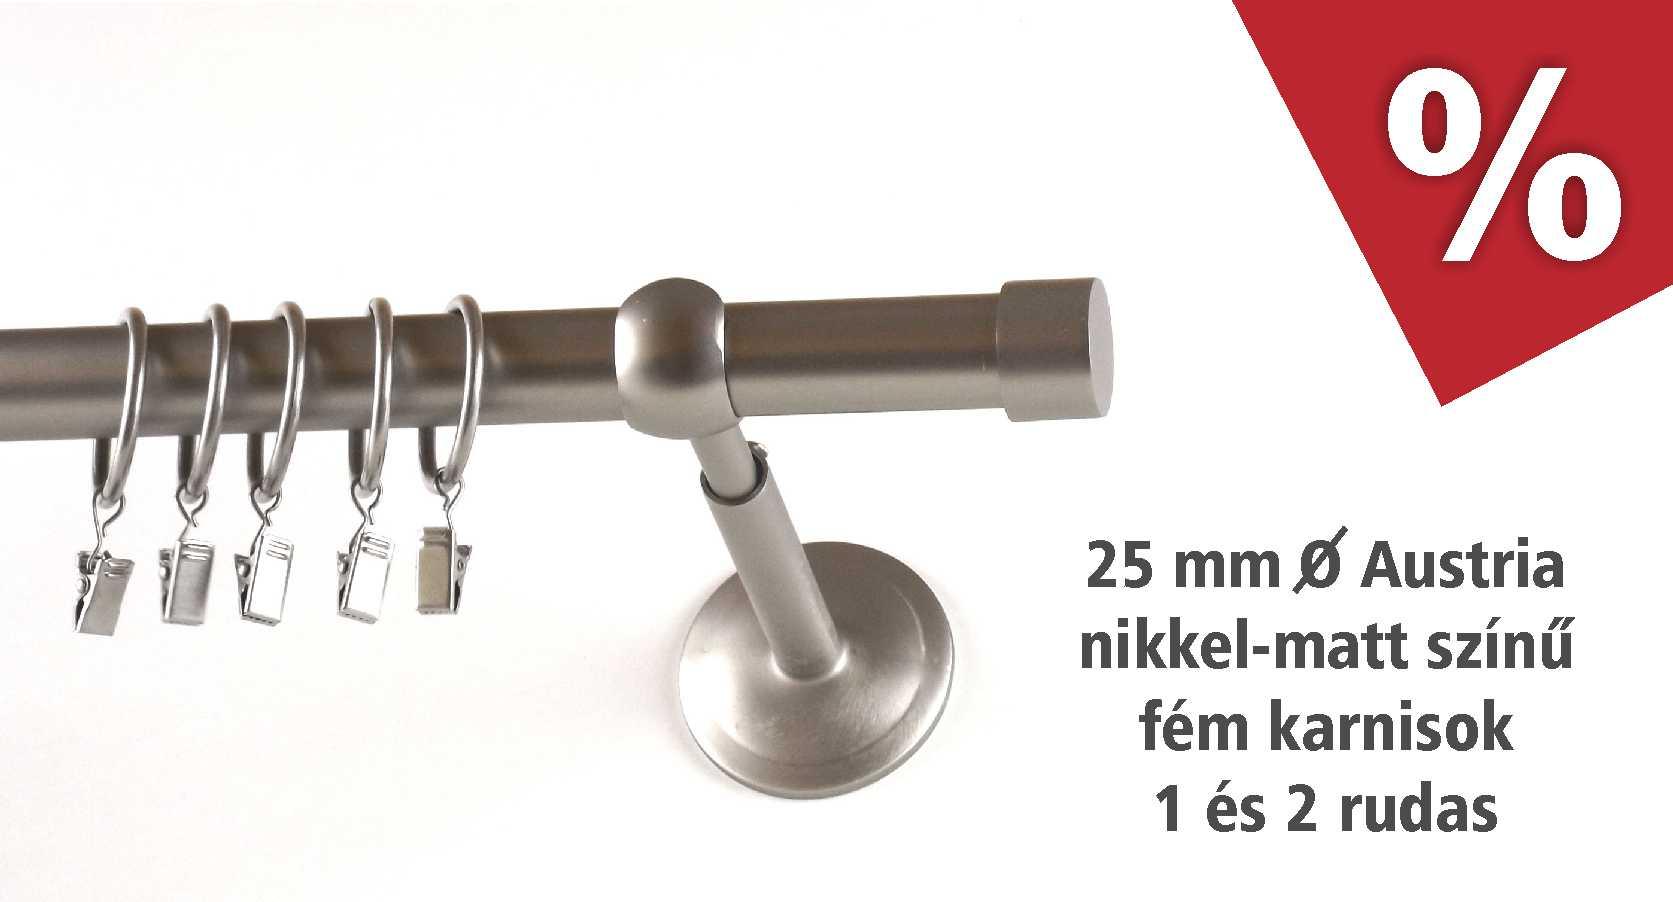 Austria 25 mm átmérőjű nikkel színű fém karnis szettek kedvezménnyel - www.karnisstudio.hu